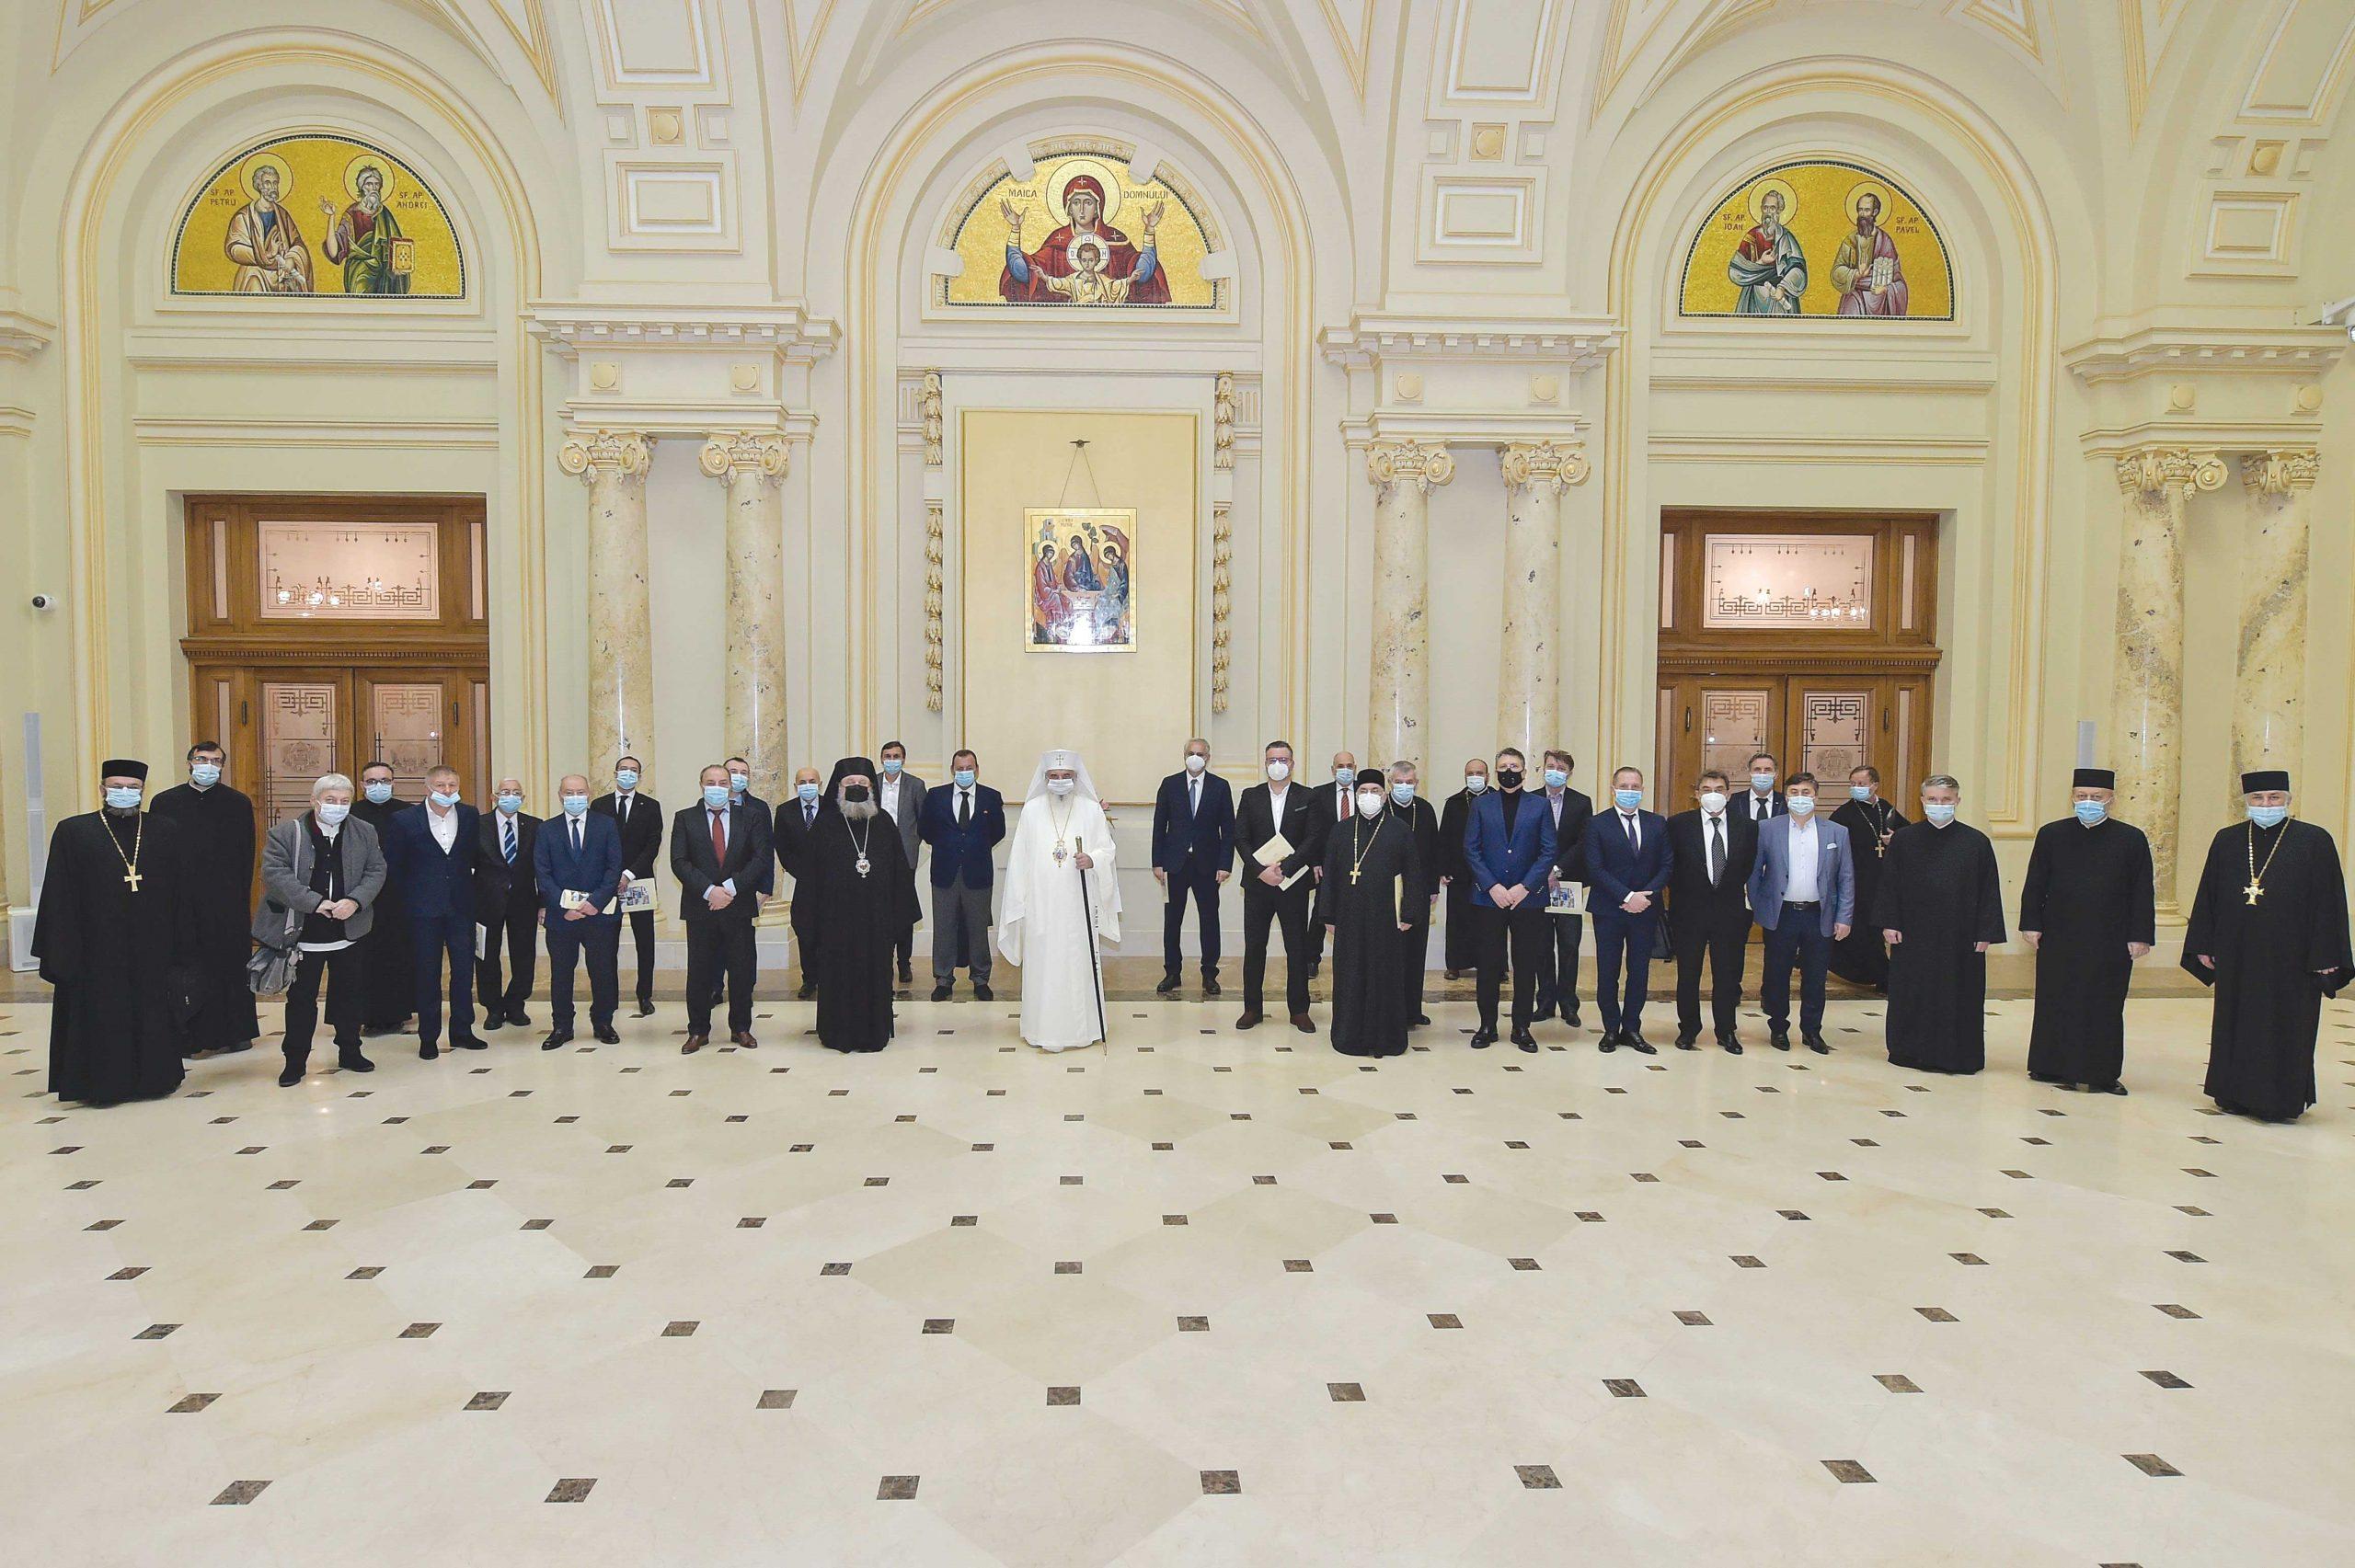 Adunarea eparhială a Arhiepiscopiei Bucureștilor